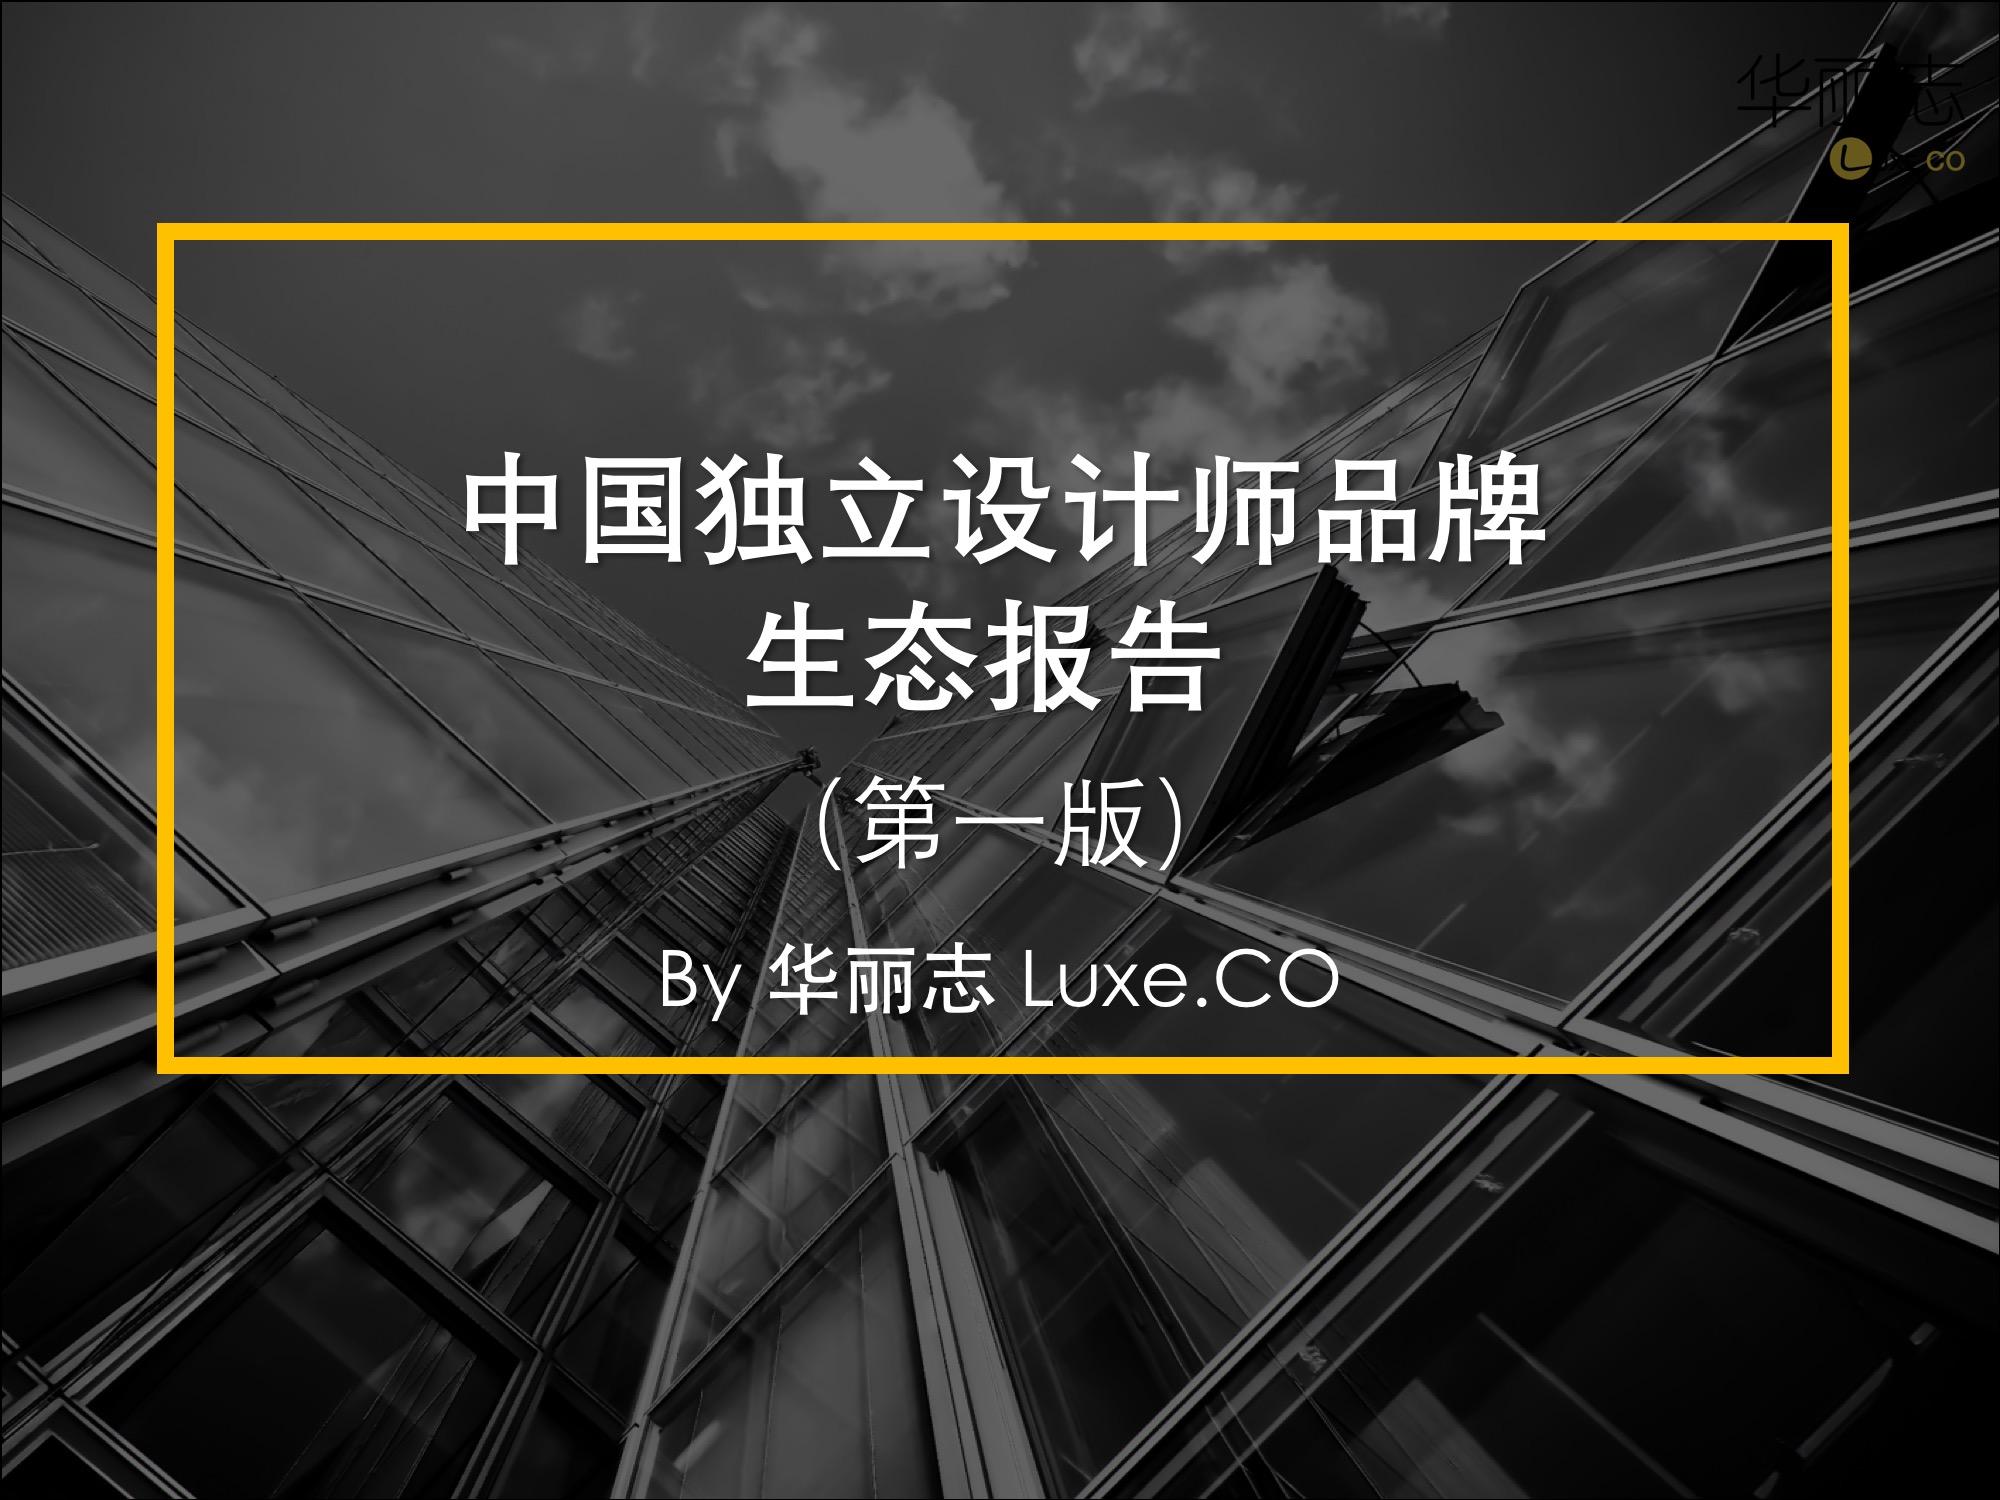 设计师品牌生态简报final 0412(1)